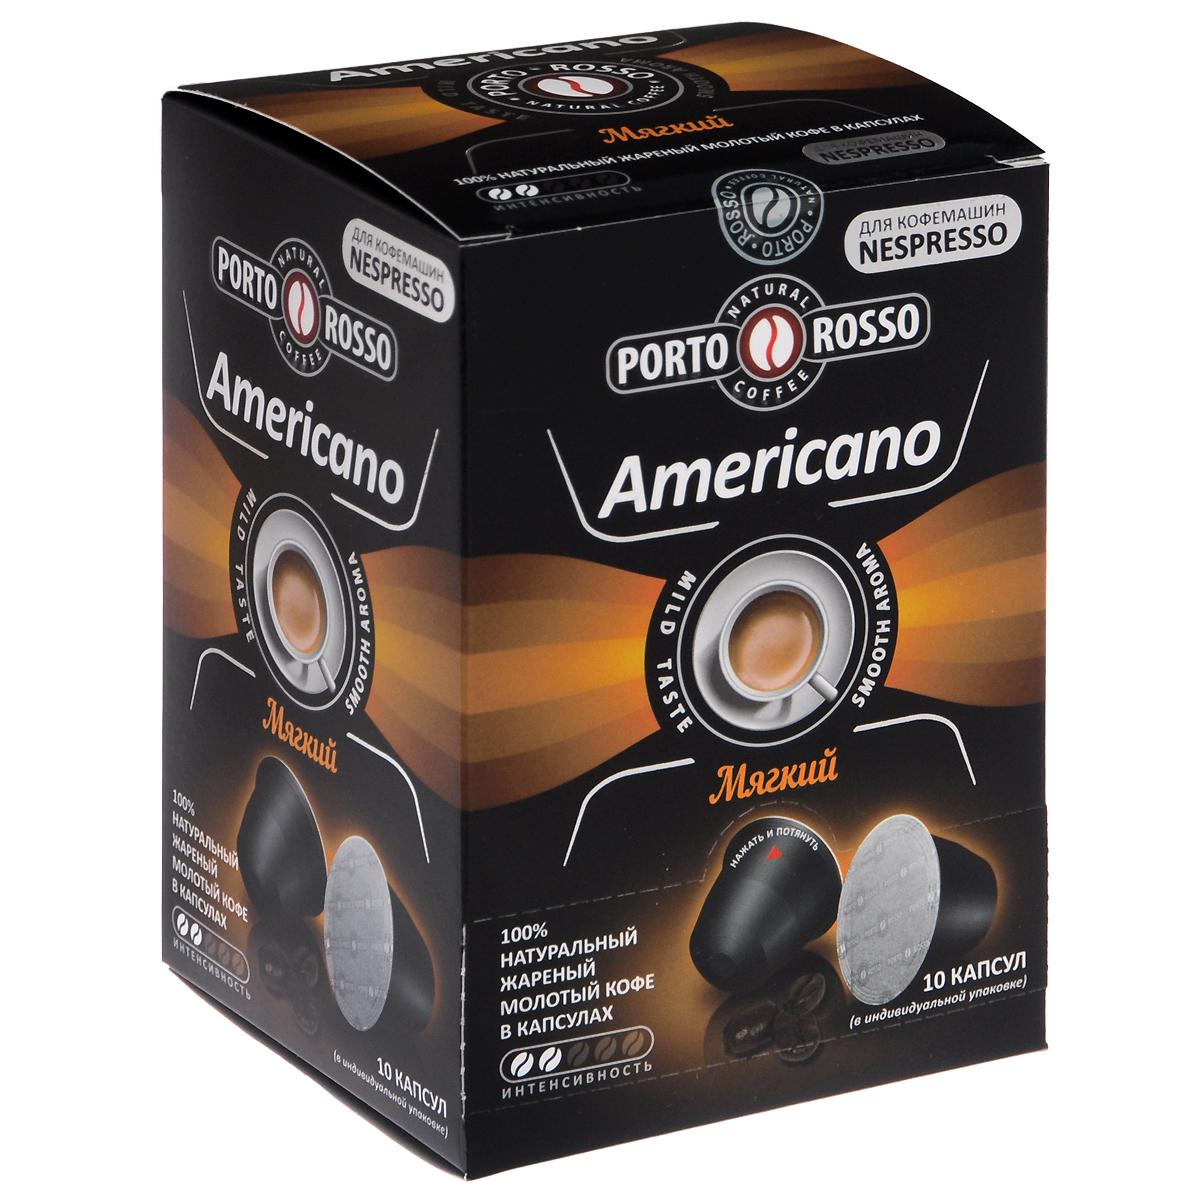 купить Porto Rosso Americano кофейные капсулы по цене 188 рублей